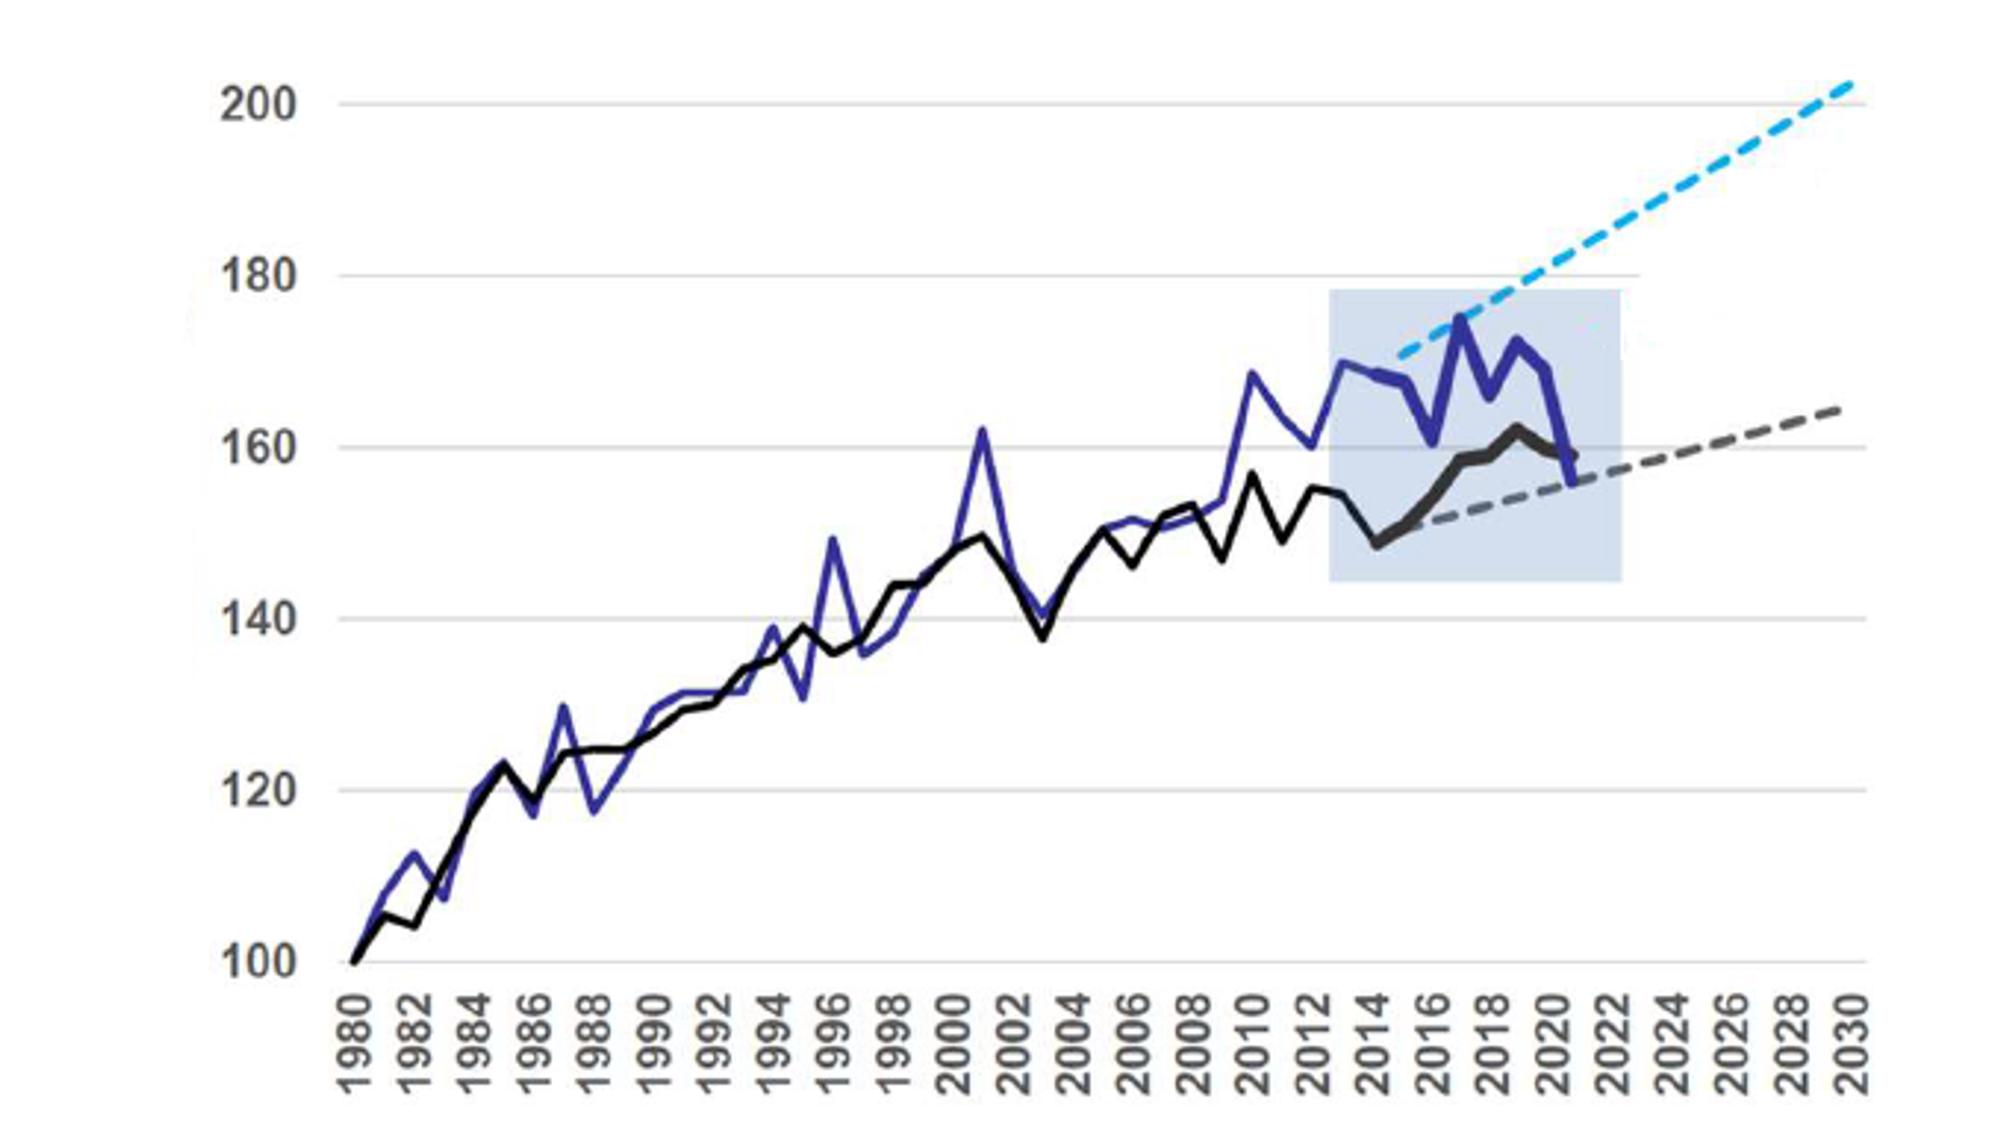 Den svarte linjen viser strømforbruk, mens den lilla viser effekttoppene i Norge. Måleenheten er i ikke KW og KWt, men en indeksert skala med 1980 som basisår. De stiplede linjene er NVEs prognoser.